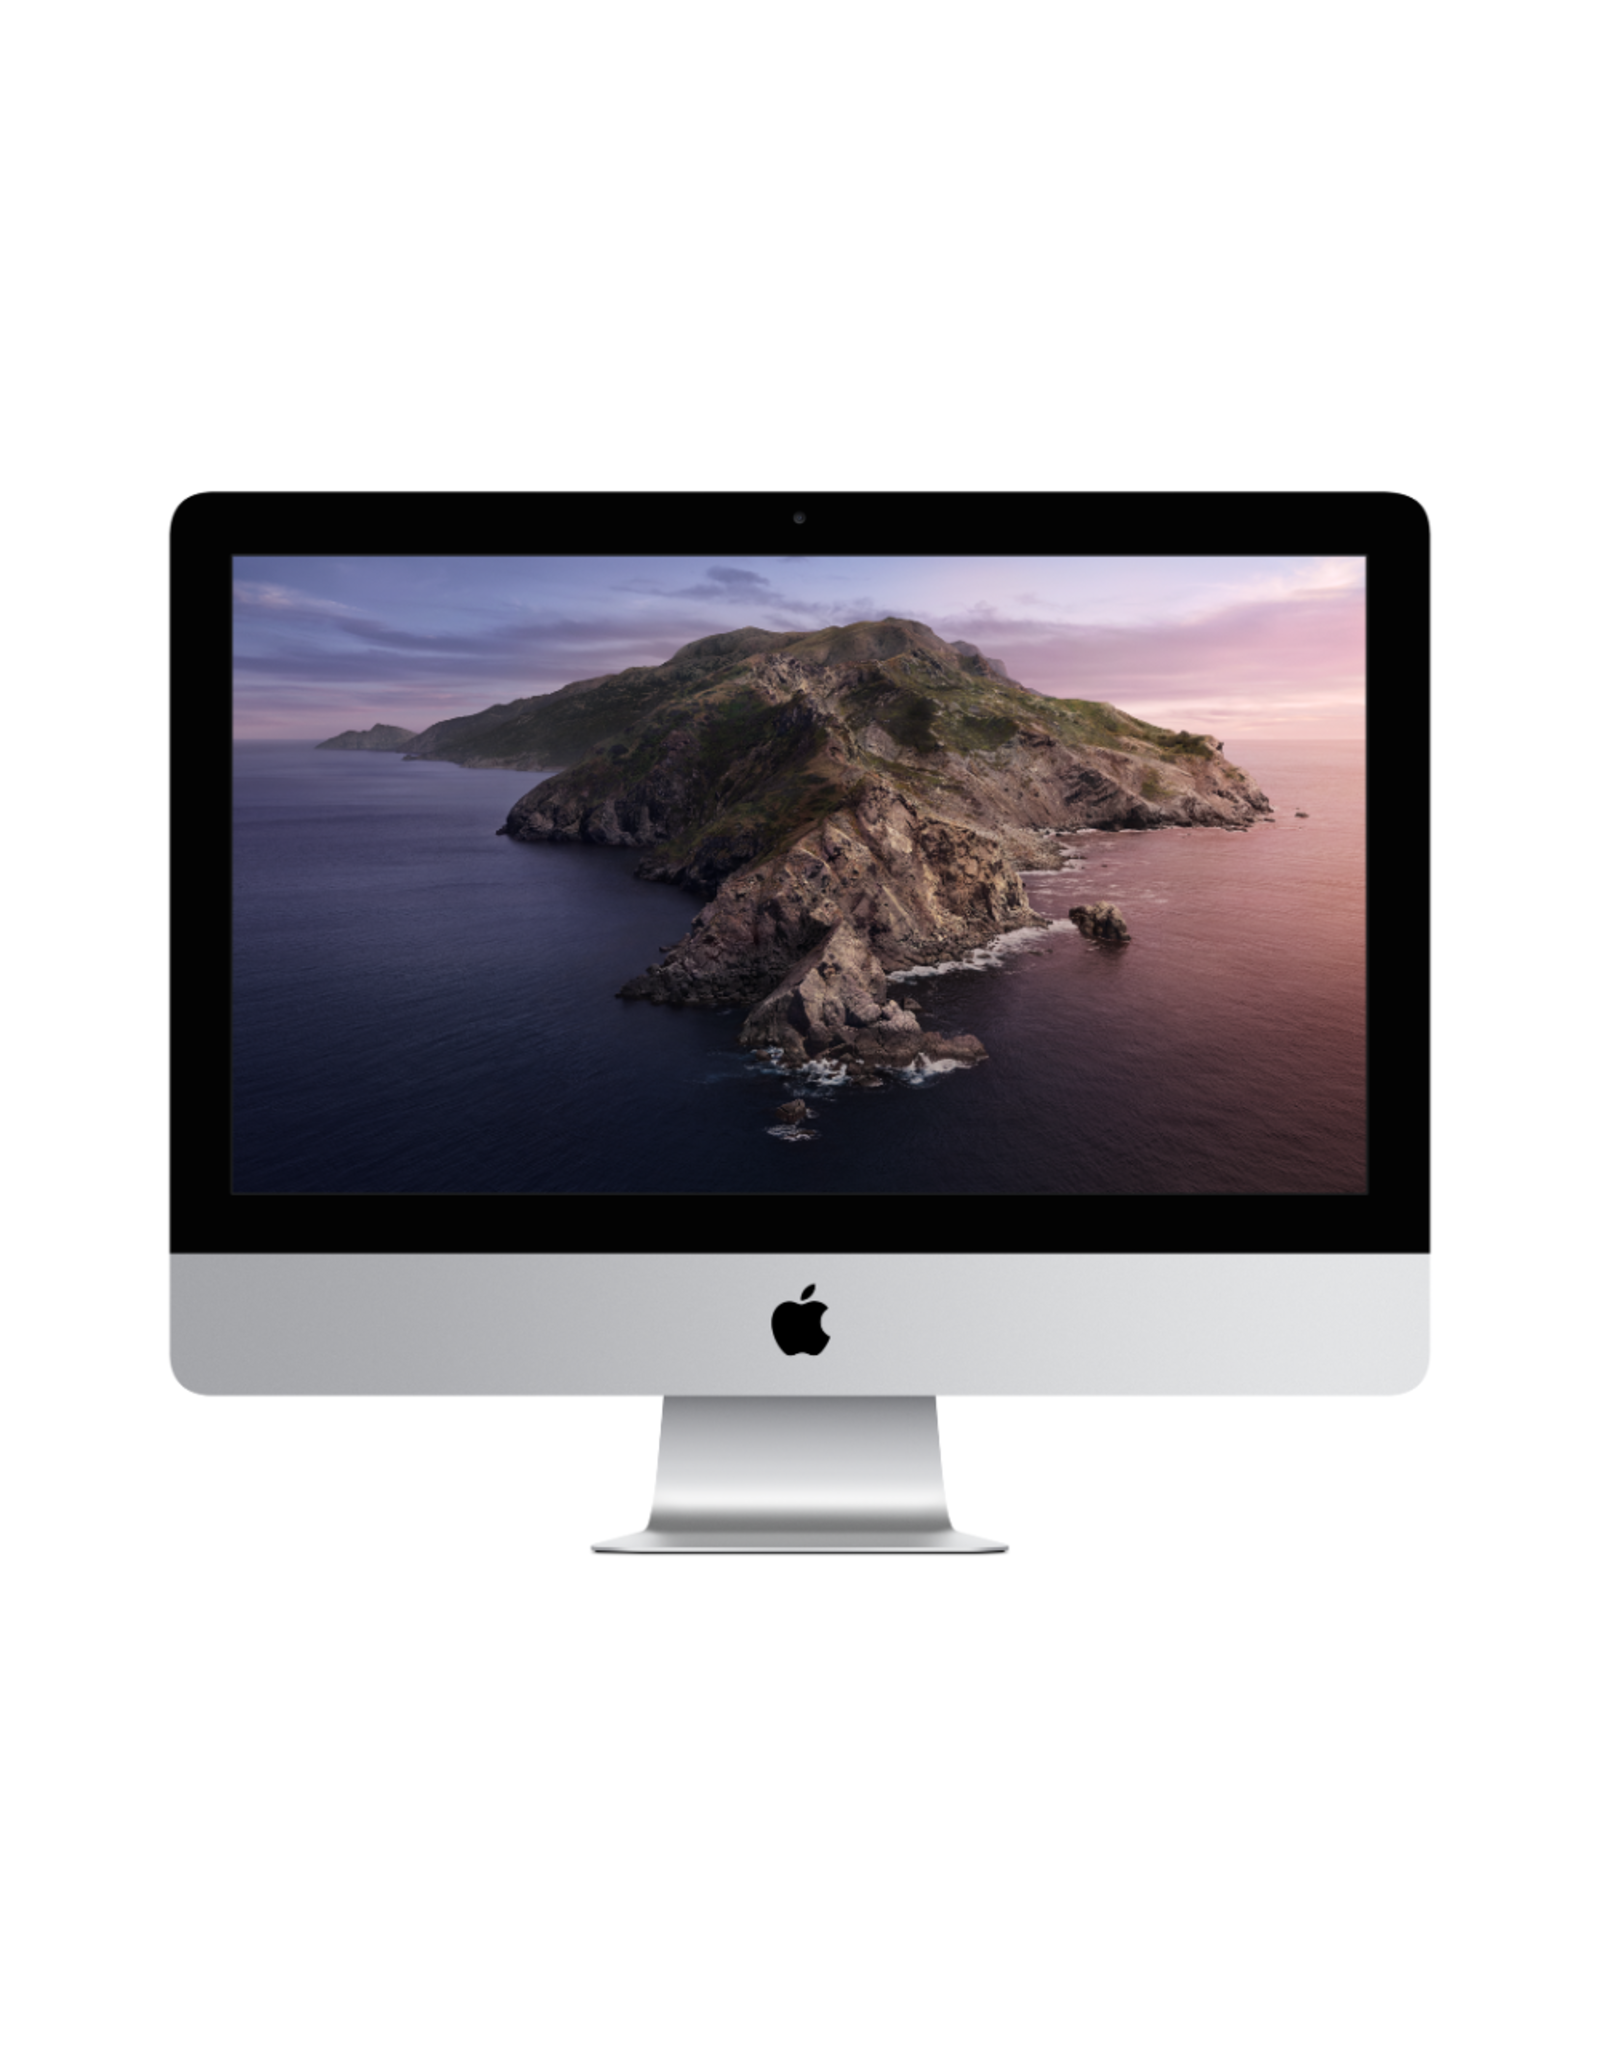 Apple 21.5-inch iMac Retina 4K 3.6GHz quad-core 8th-generation Intel Core i3/8GB/256GB SSD/Radeon Pro 555X 2GB